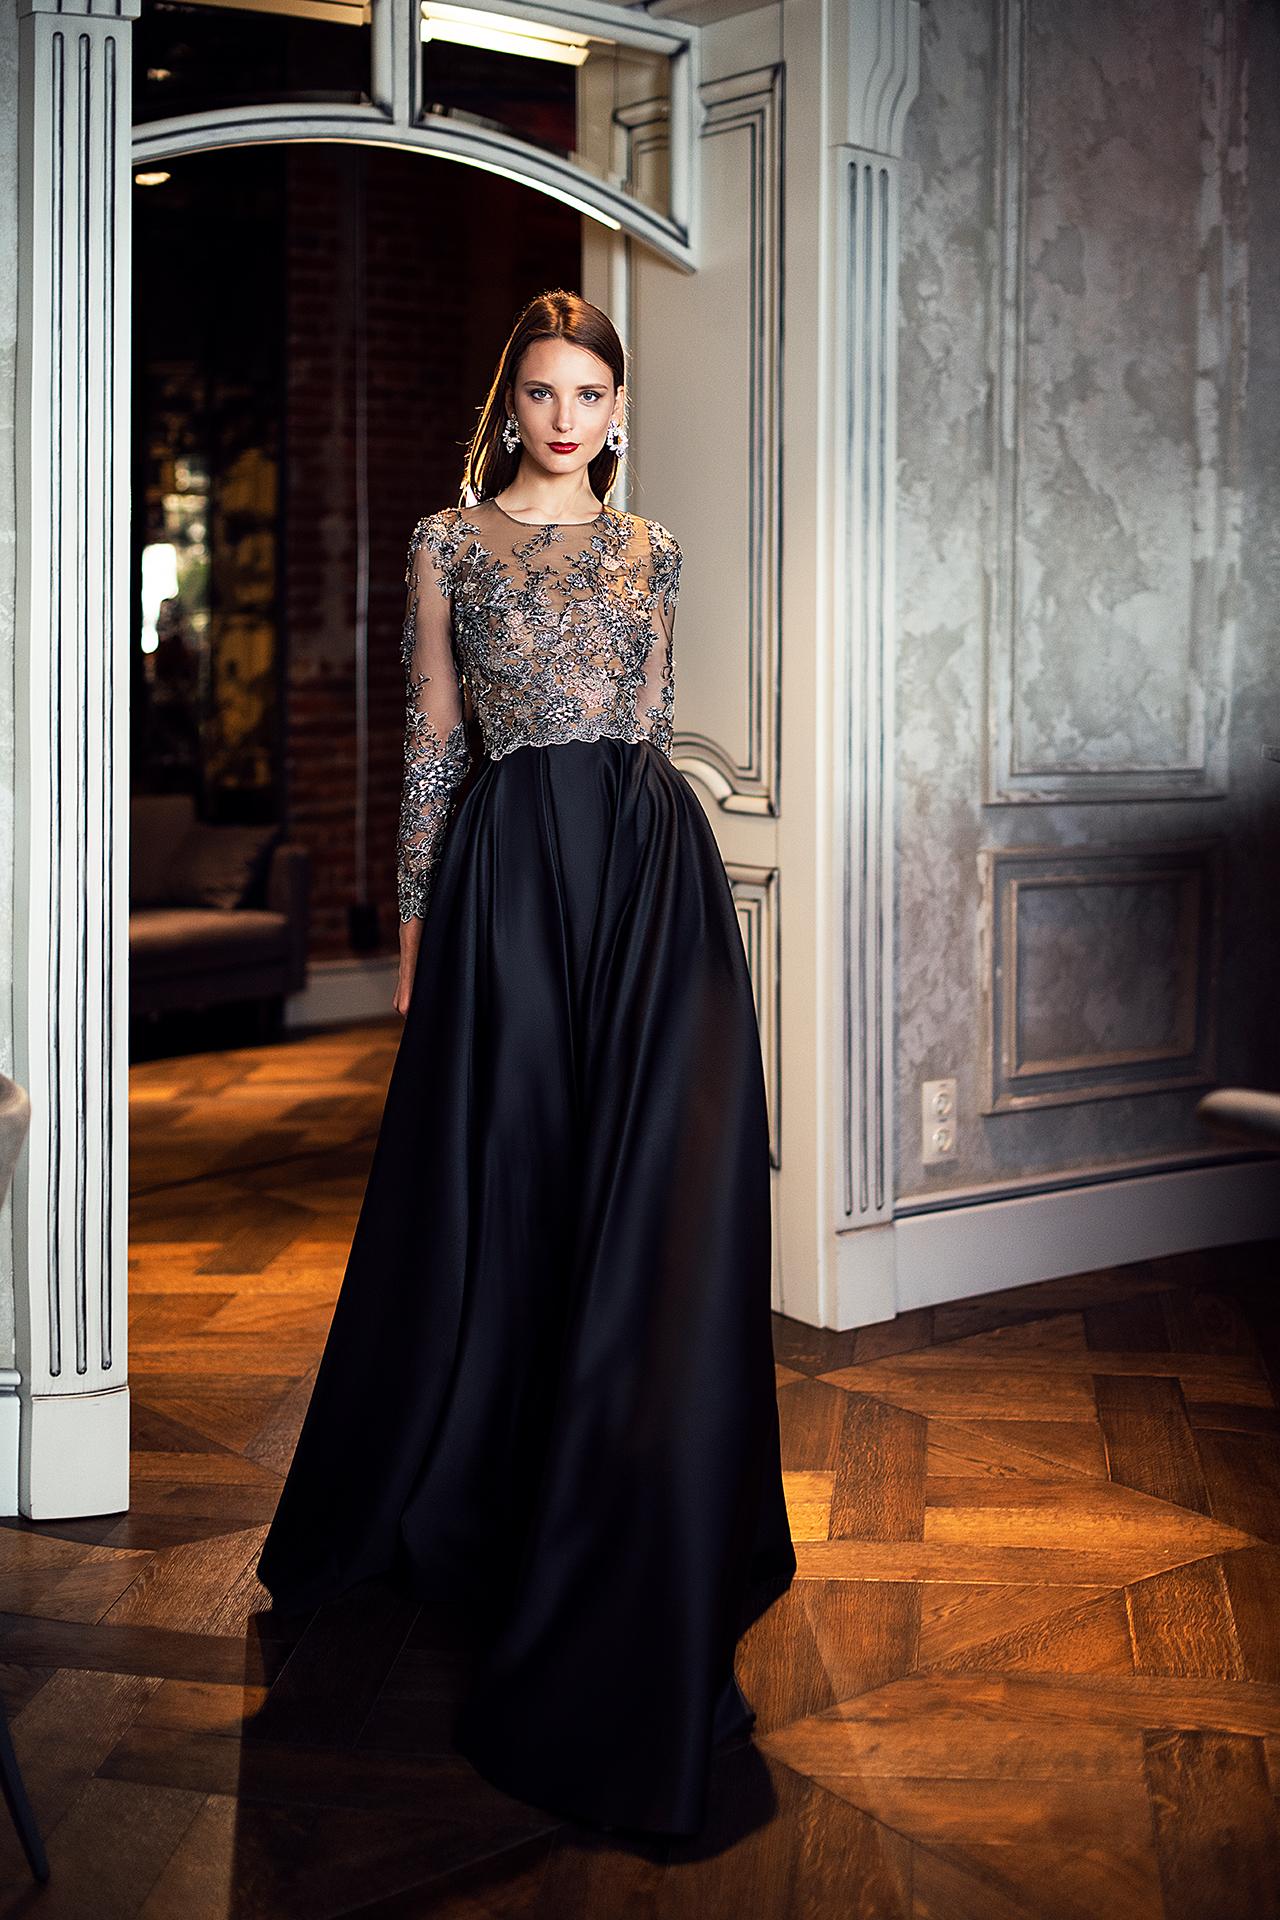 ABENDKLEIDER 1392 Silhouette  A-Silhouette  Farbe  Black   Ausschnitt  Perle  Ärmel  lange Ärmel  talliert  Schweif  Ohne Schleppe - foto 2